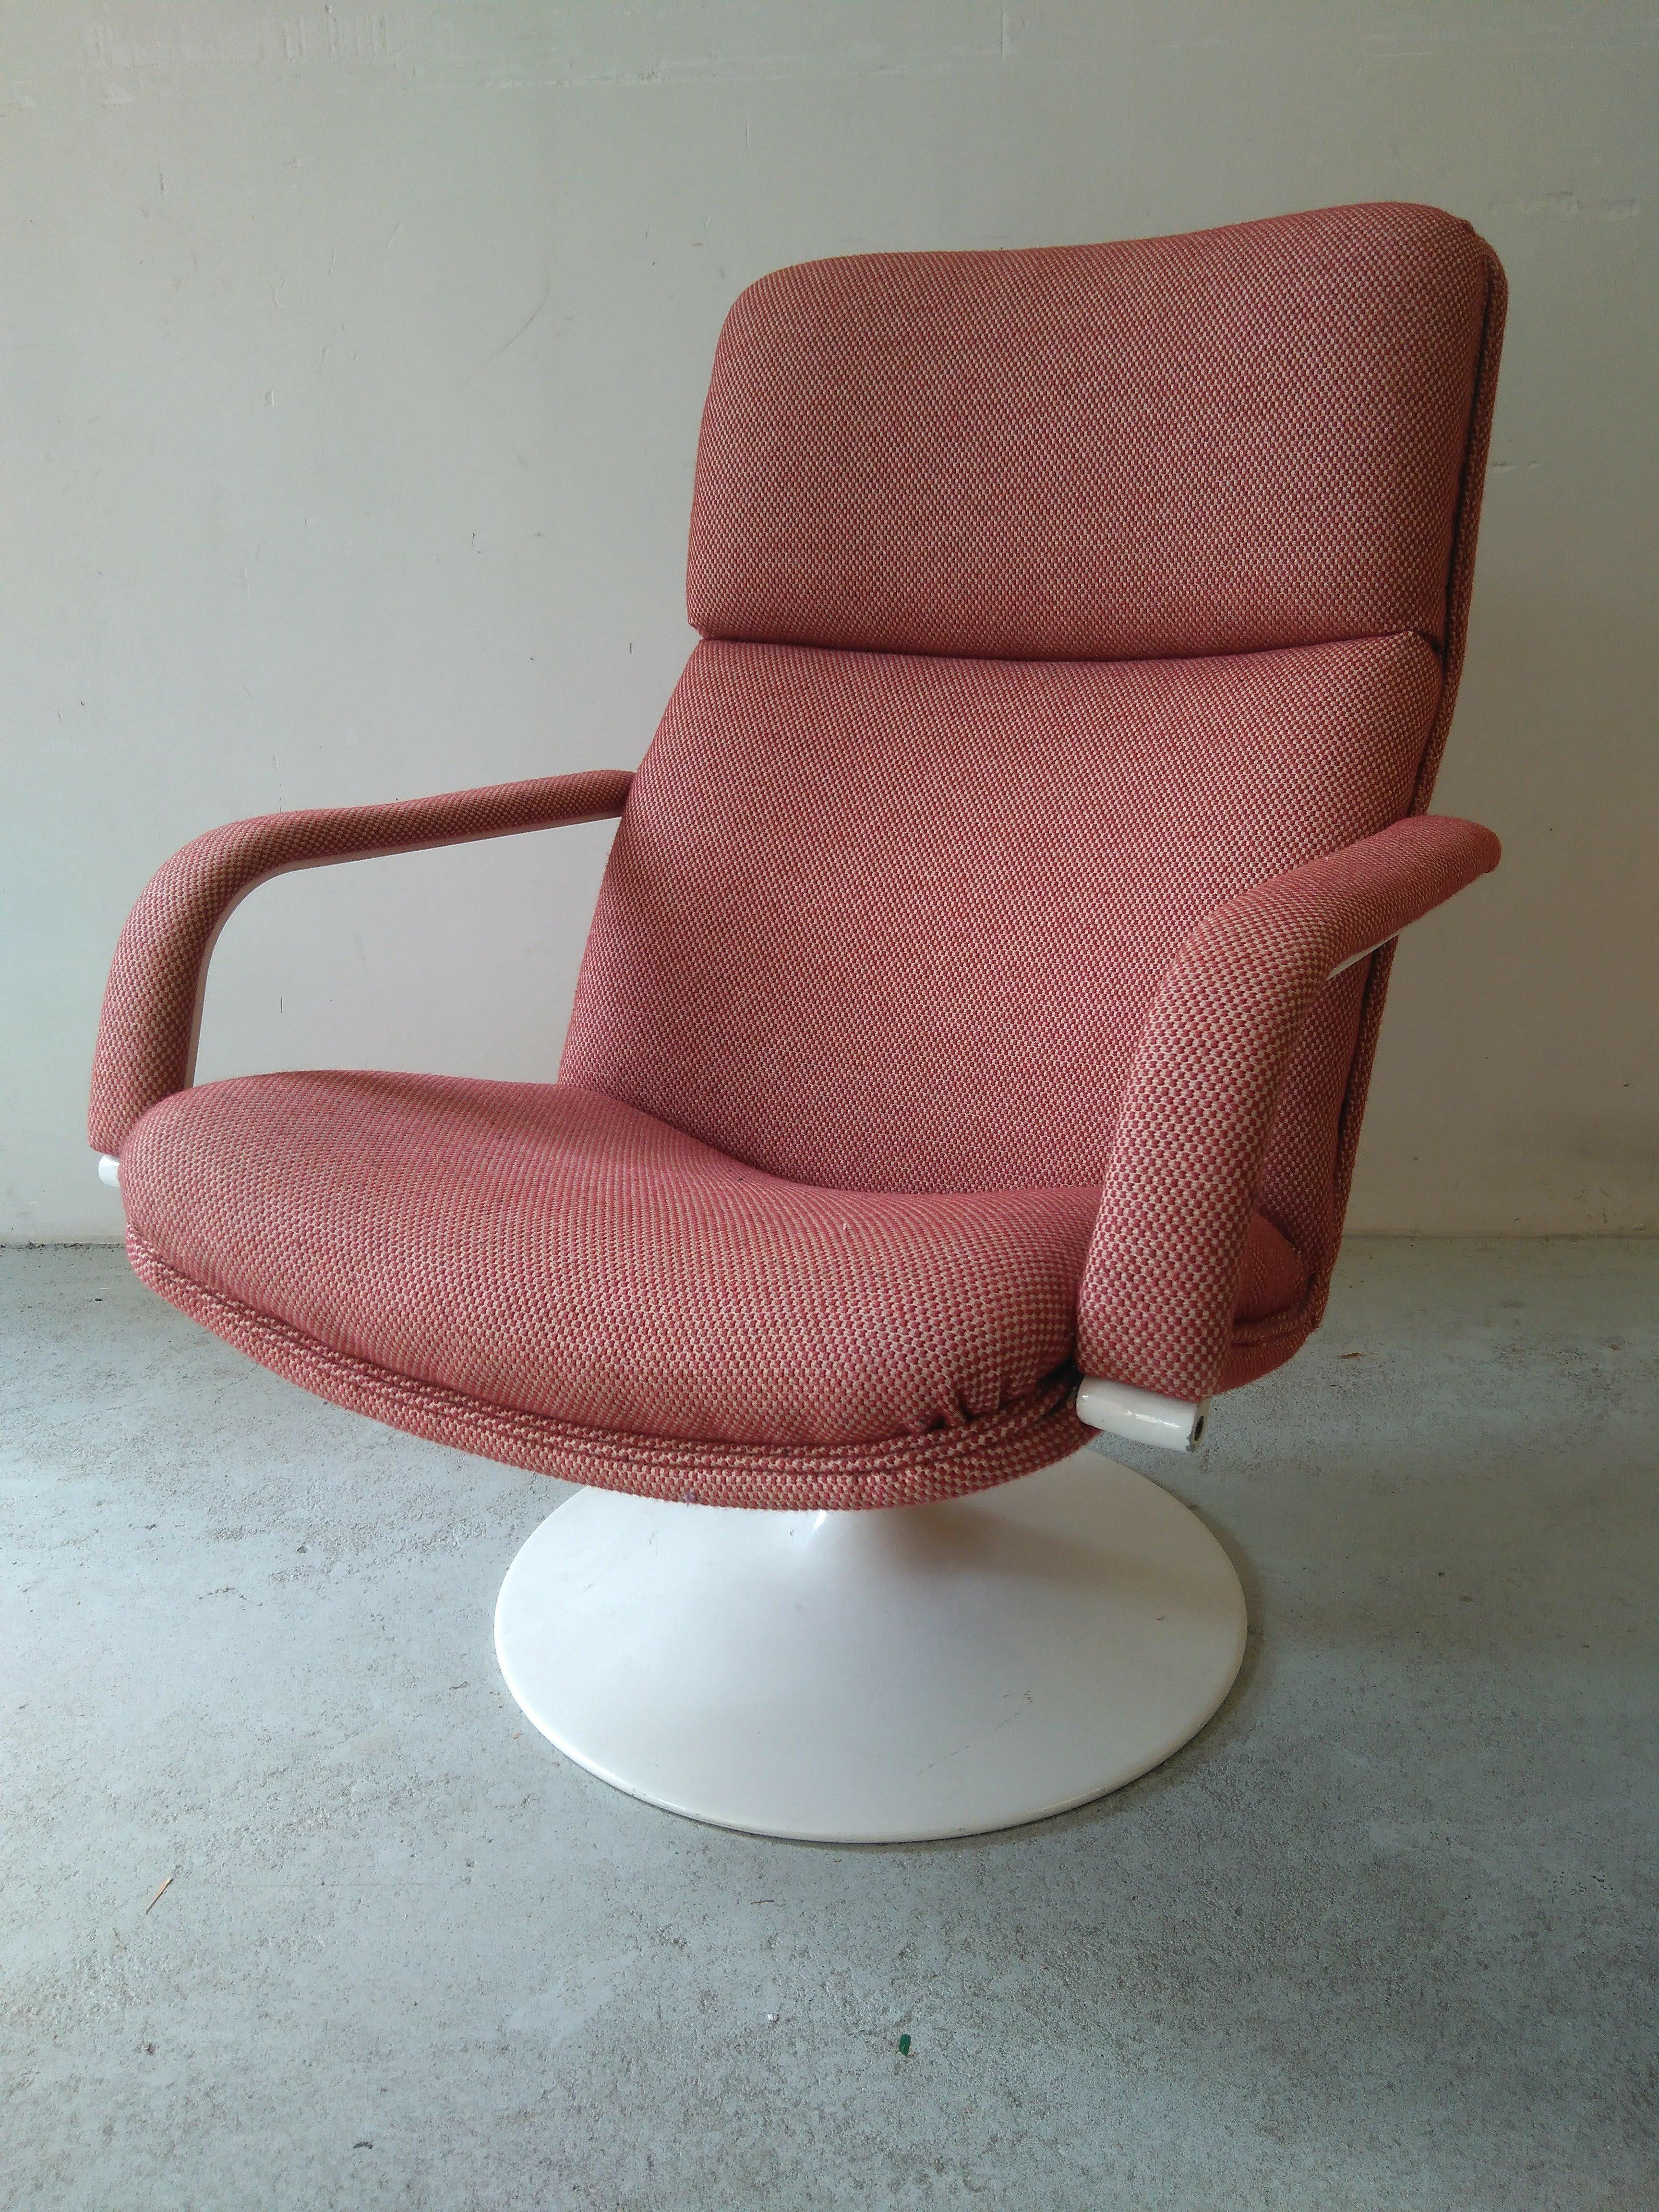 El Vinta: Turn Armchair Artifort Model 141 (Furniture